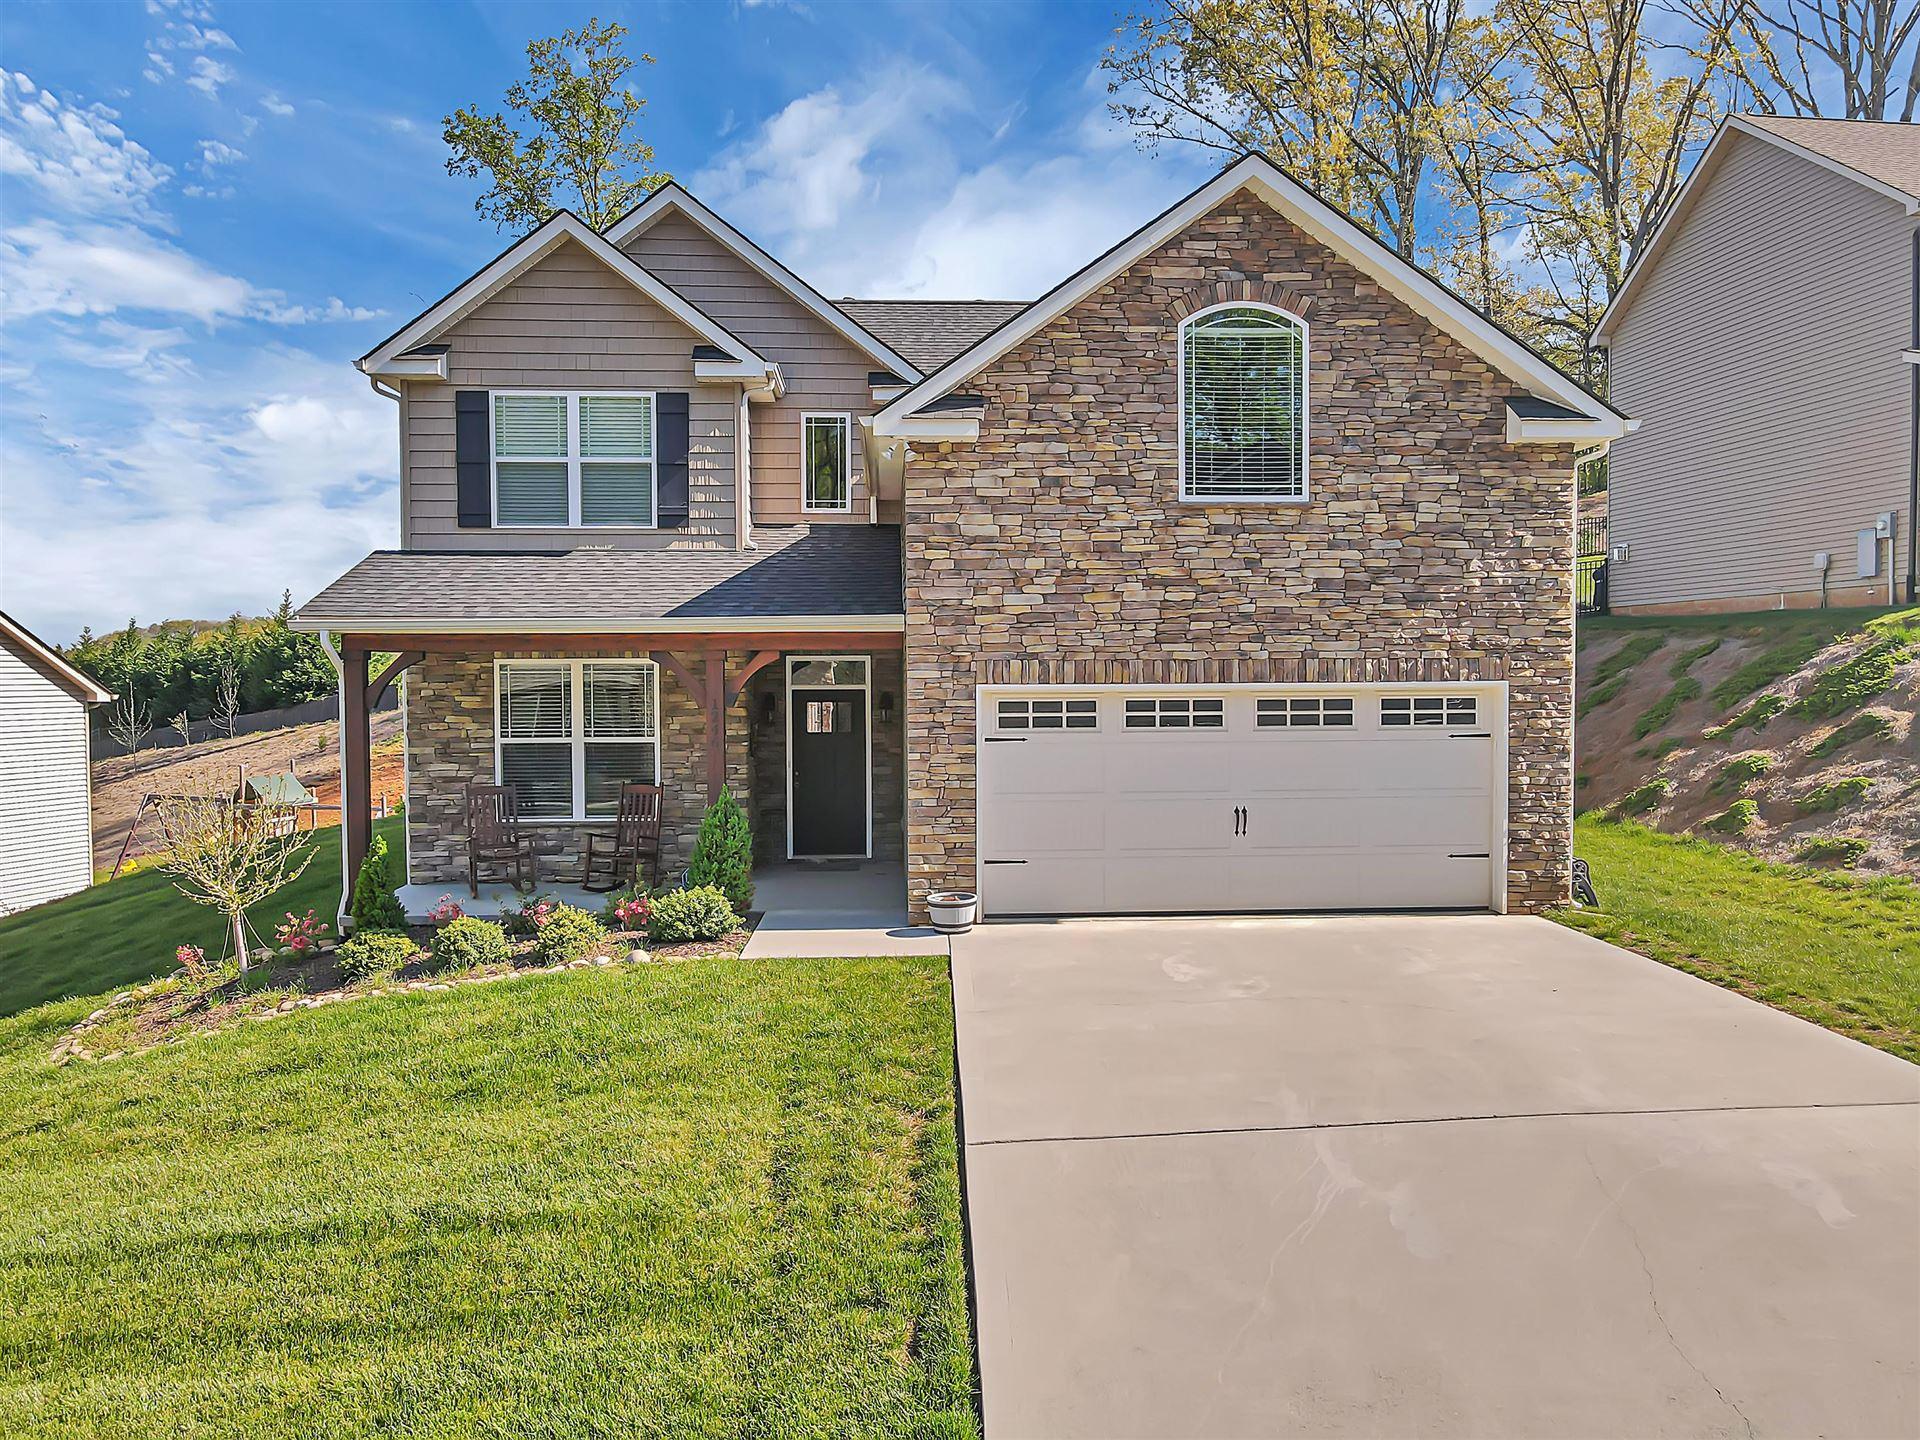 Photo of 1246 Peake Lane, Knoxville, TN 37922 (MLS # 1149464)